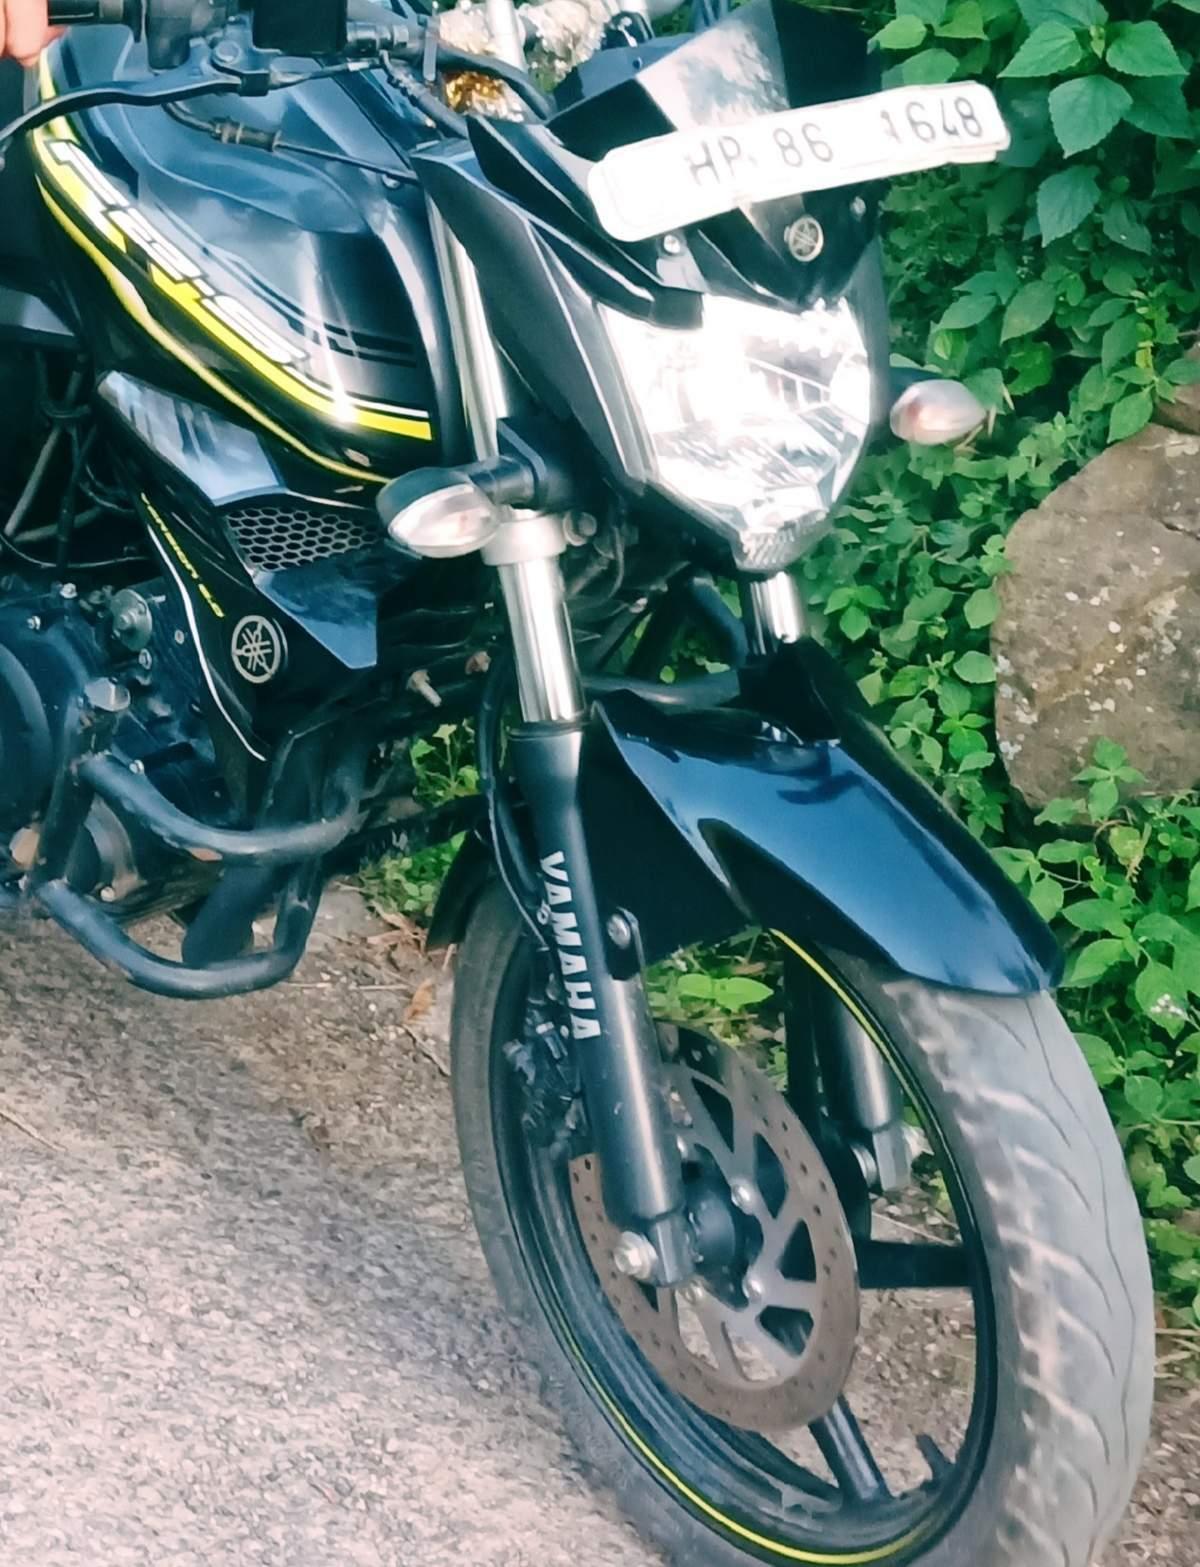 2017 Yamaha FZ 250 Indian   Yamaha fazer 150, Yamaha fazer